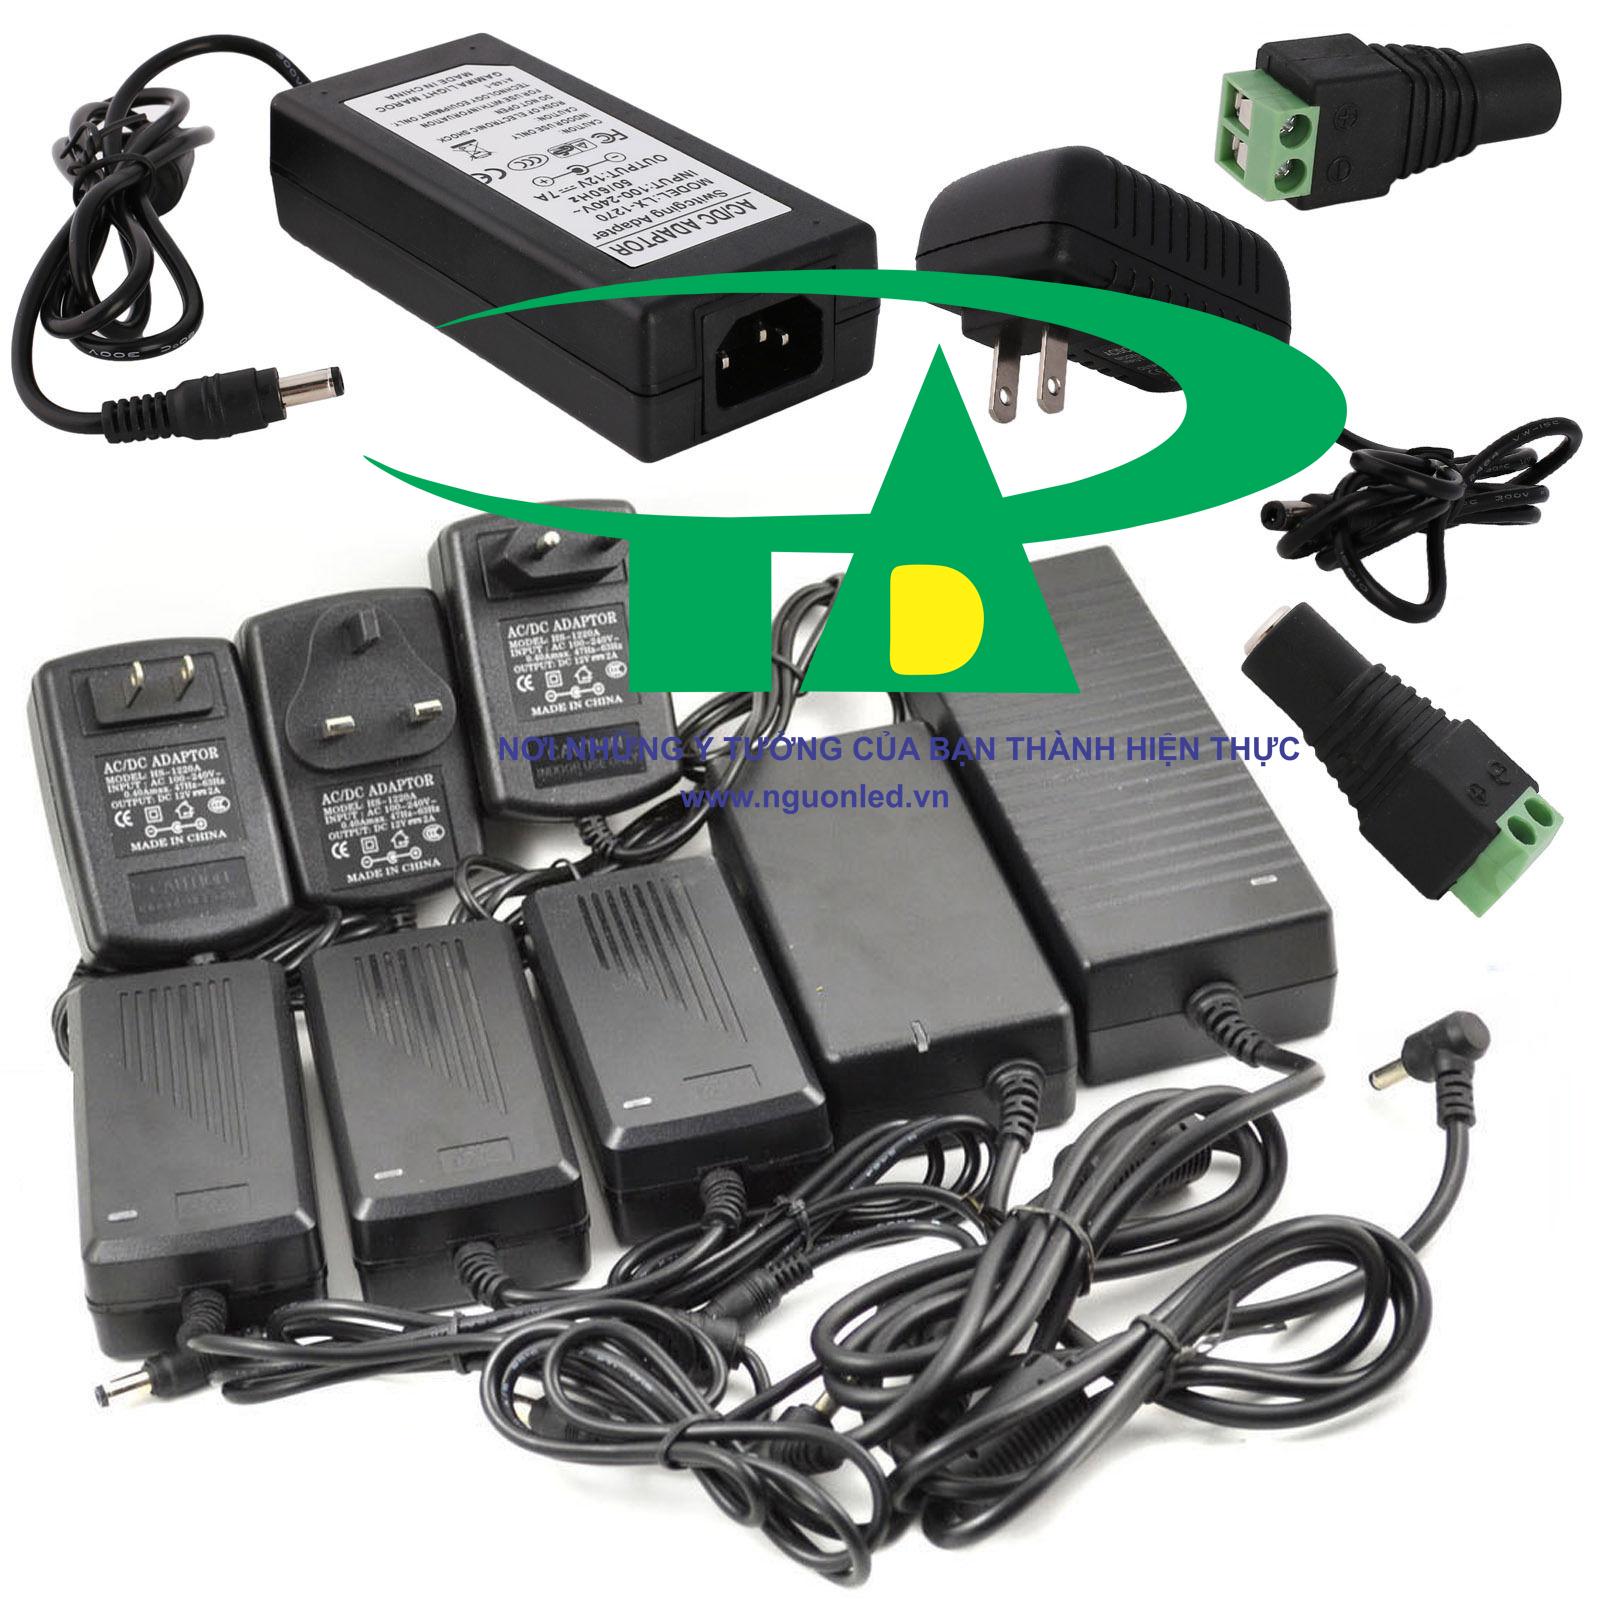 Adapter 12v 5a sony loại tốt, giá rẻ, dùng cho camera và đèn led